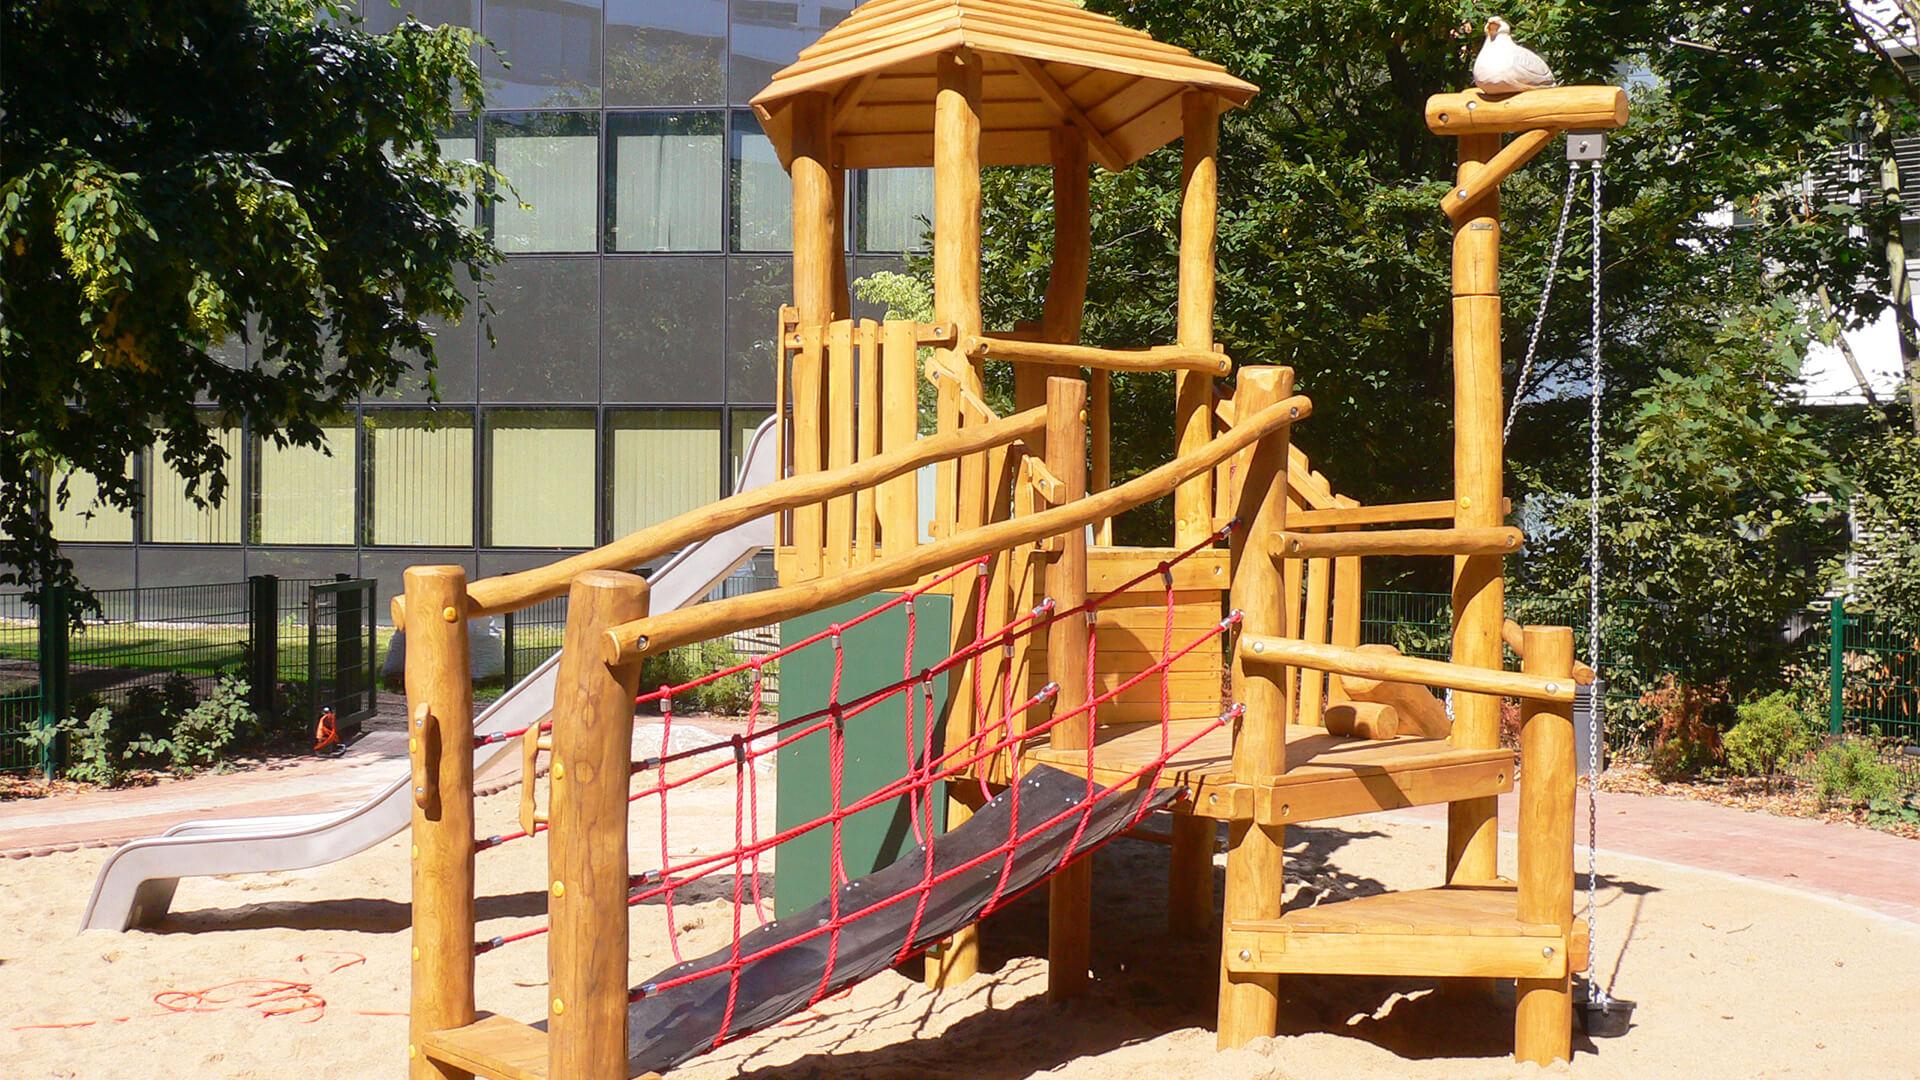 Spielplatz mit Sandkasten, Klettermöglichkeiten und Rutsche